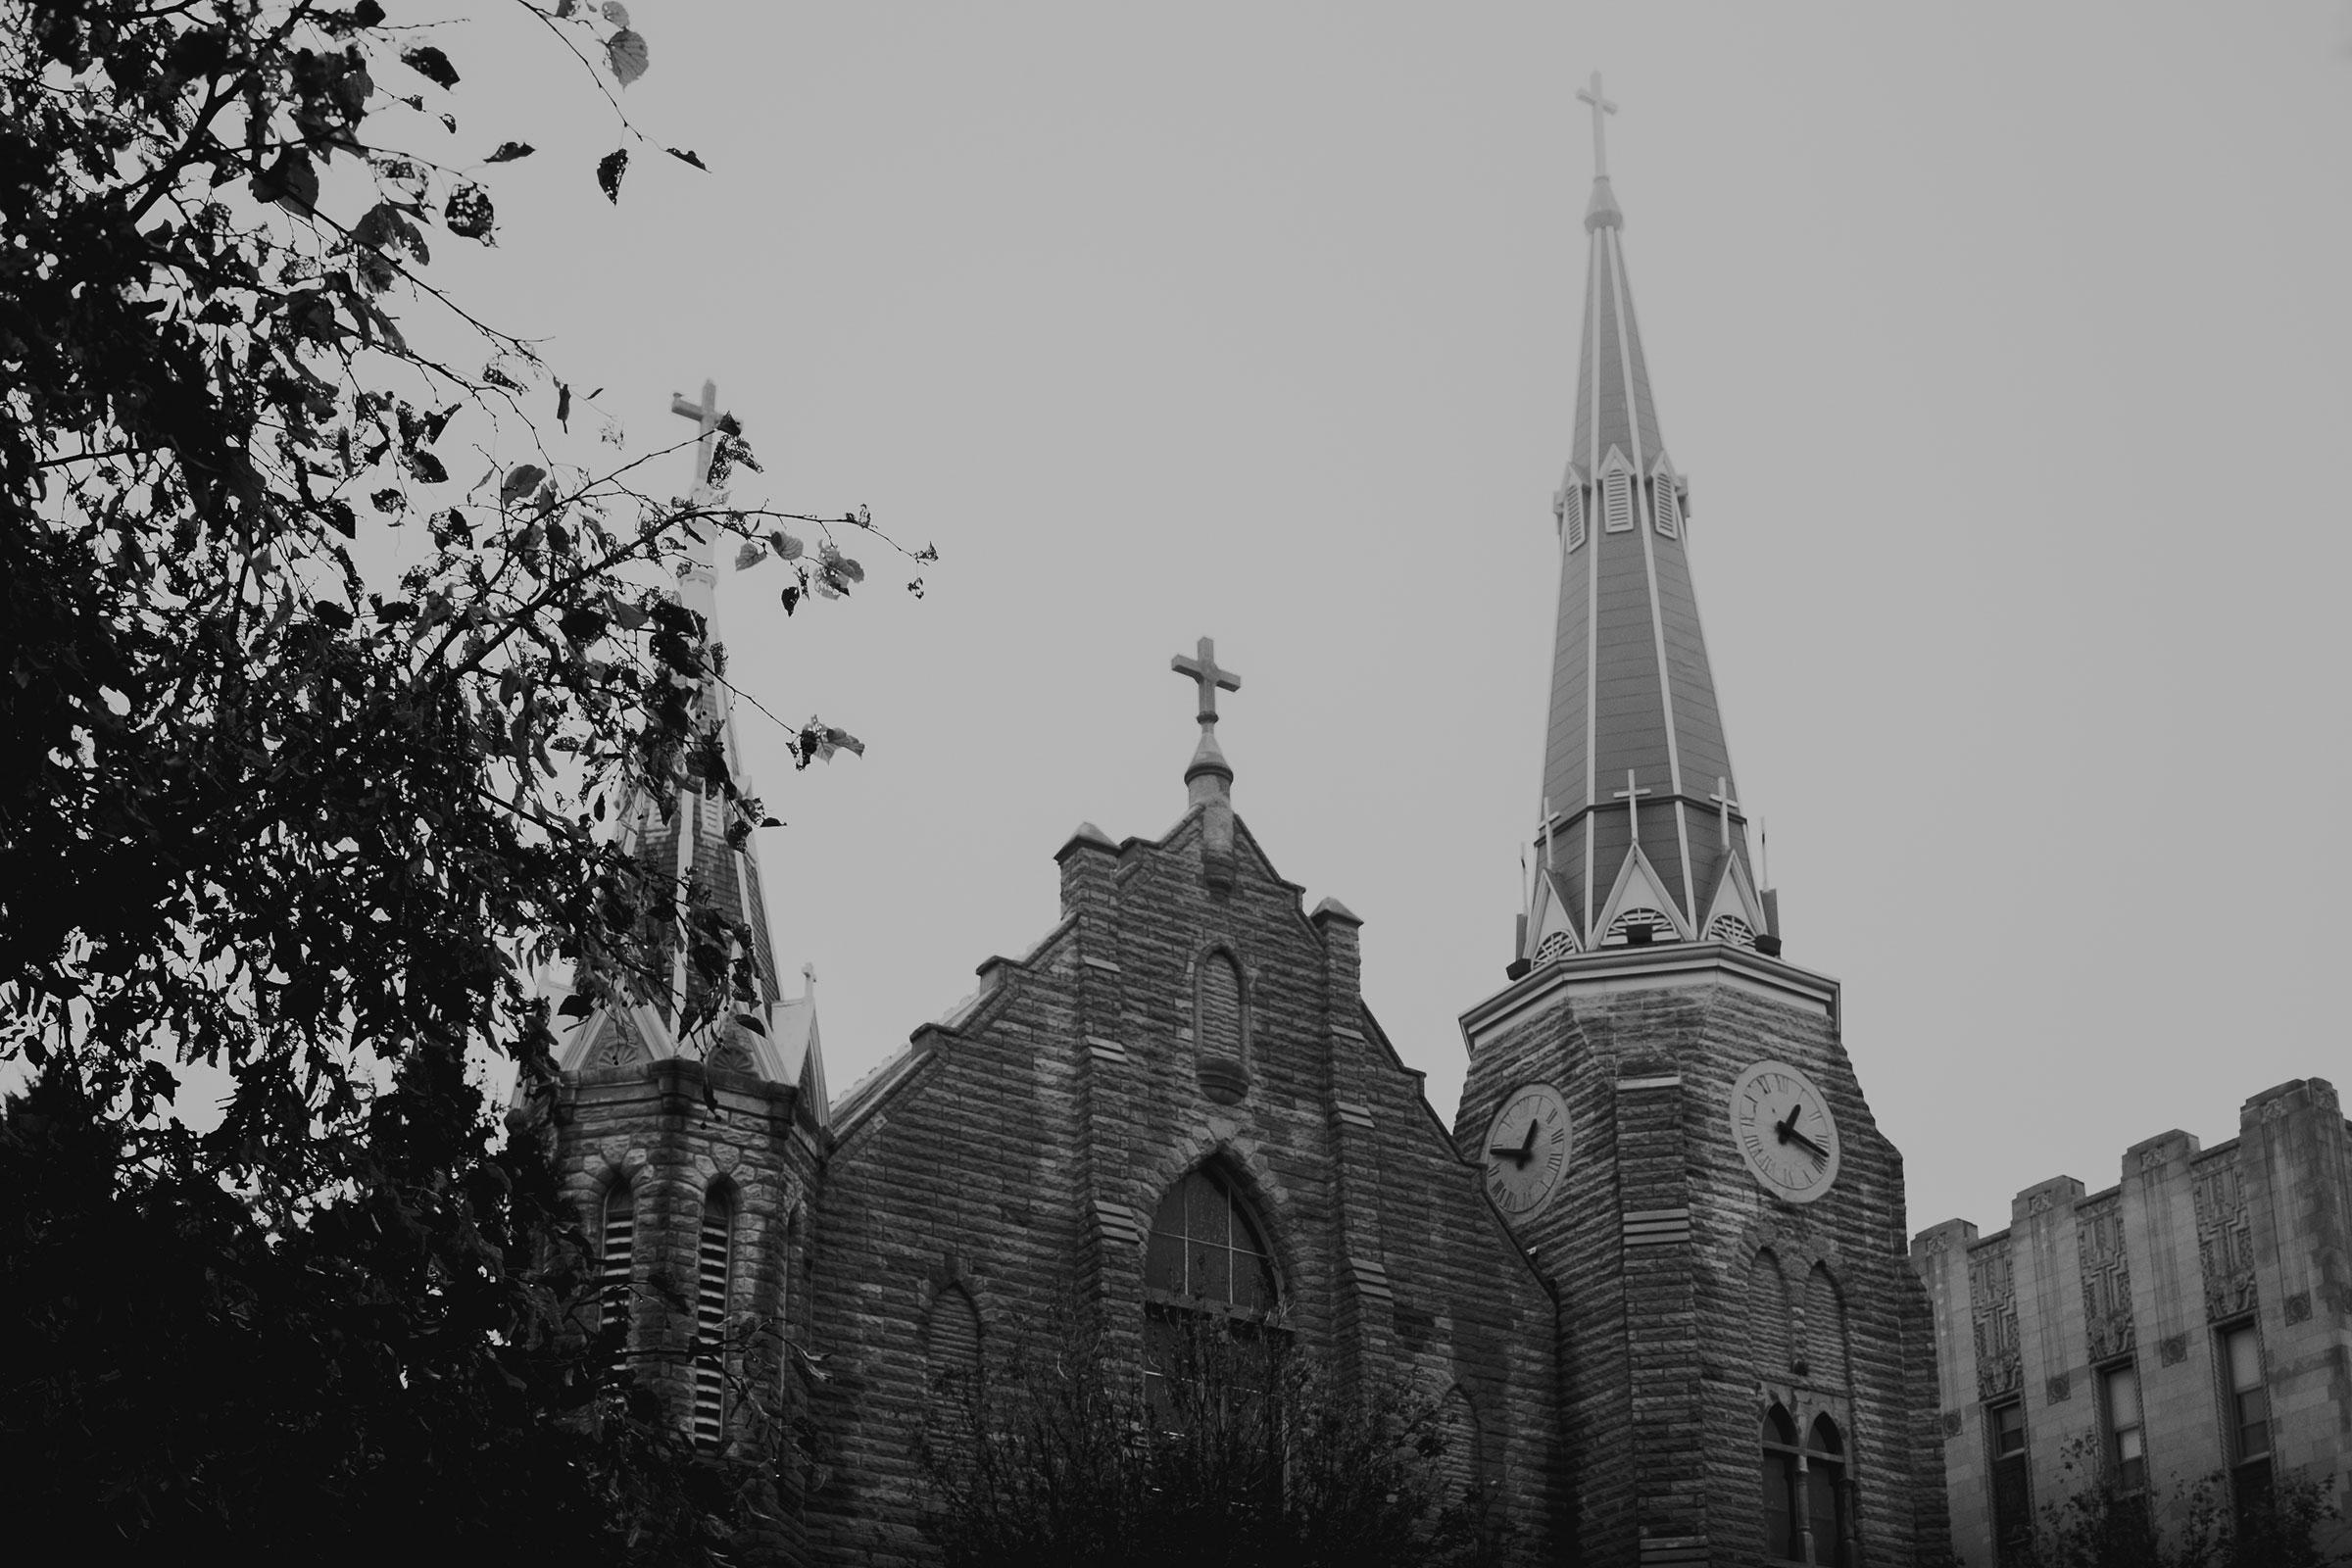 foggy-outside-st-johns-church-at-creighton-omaha-nebraska-raelyn-ramey-photography.jpg